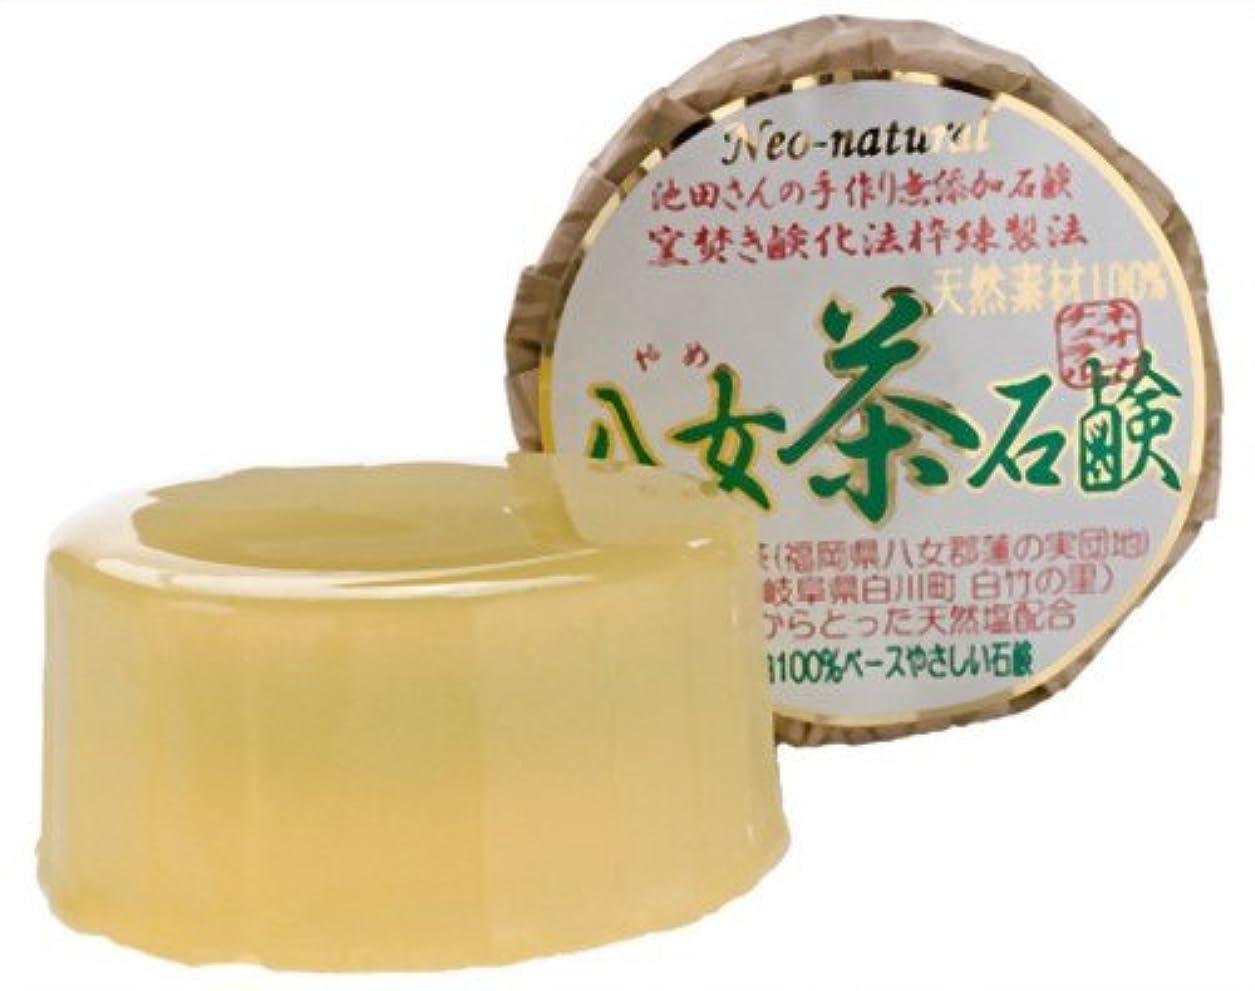 眠りジェーンオースティン機械的にネオナチュラル 池田さんの八女茶石鹸 80g